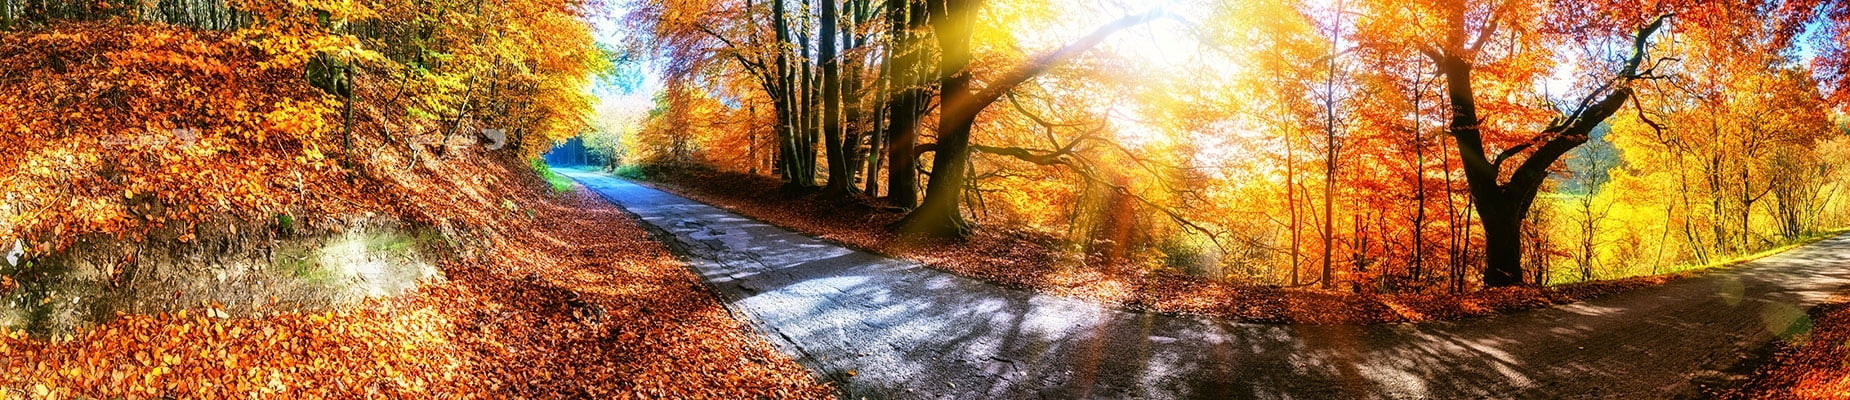 عکس تبلیغاتی طبیعت عکاسی حرفه ای در پاییز